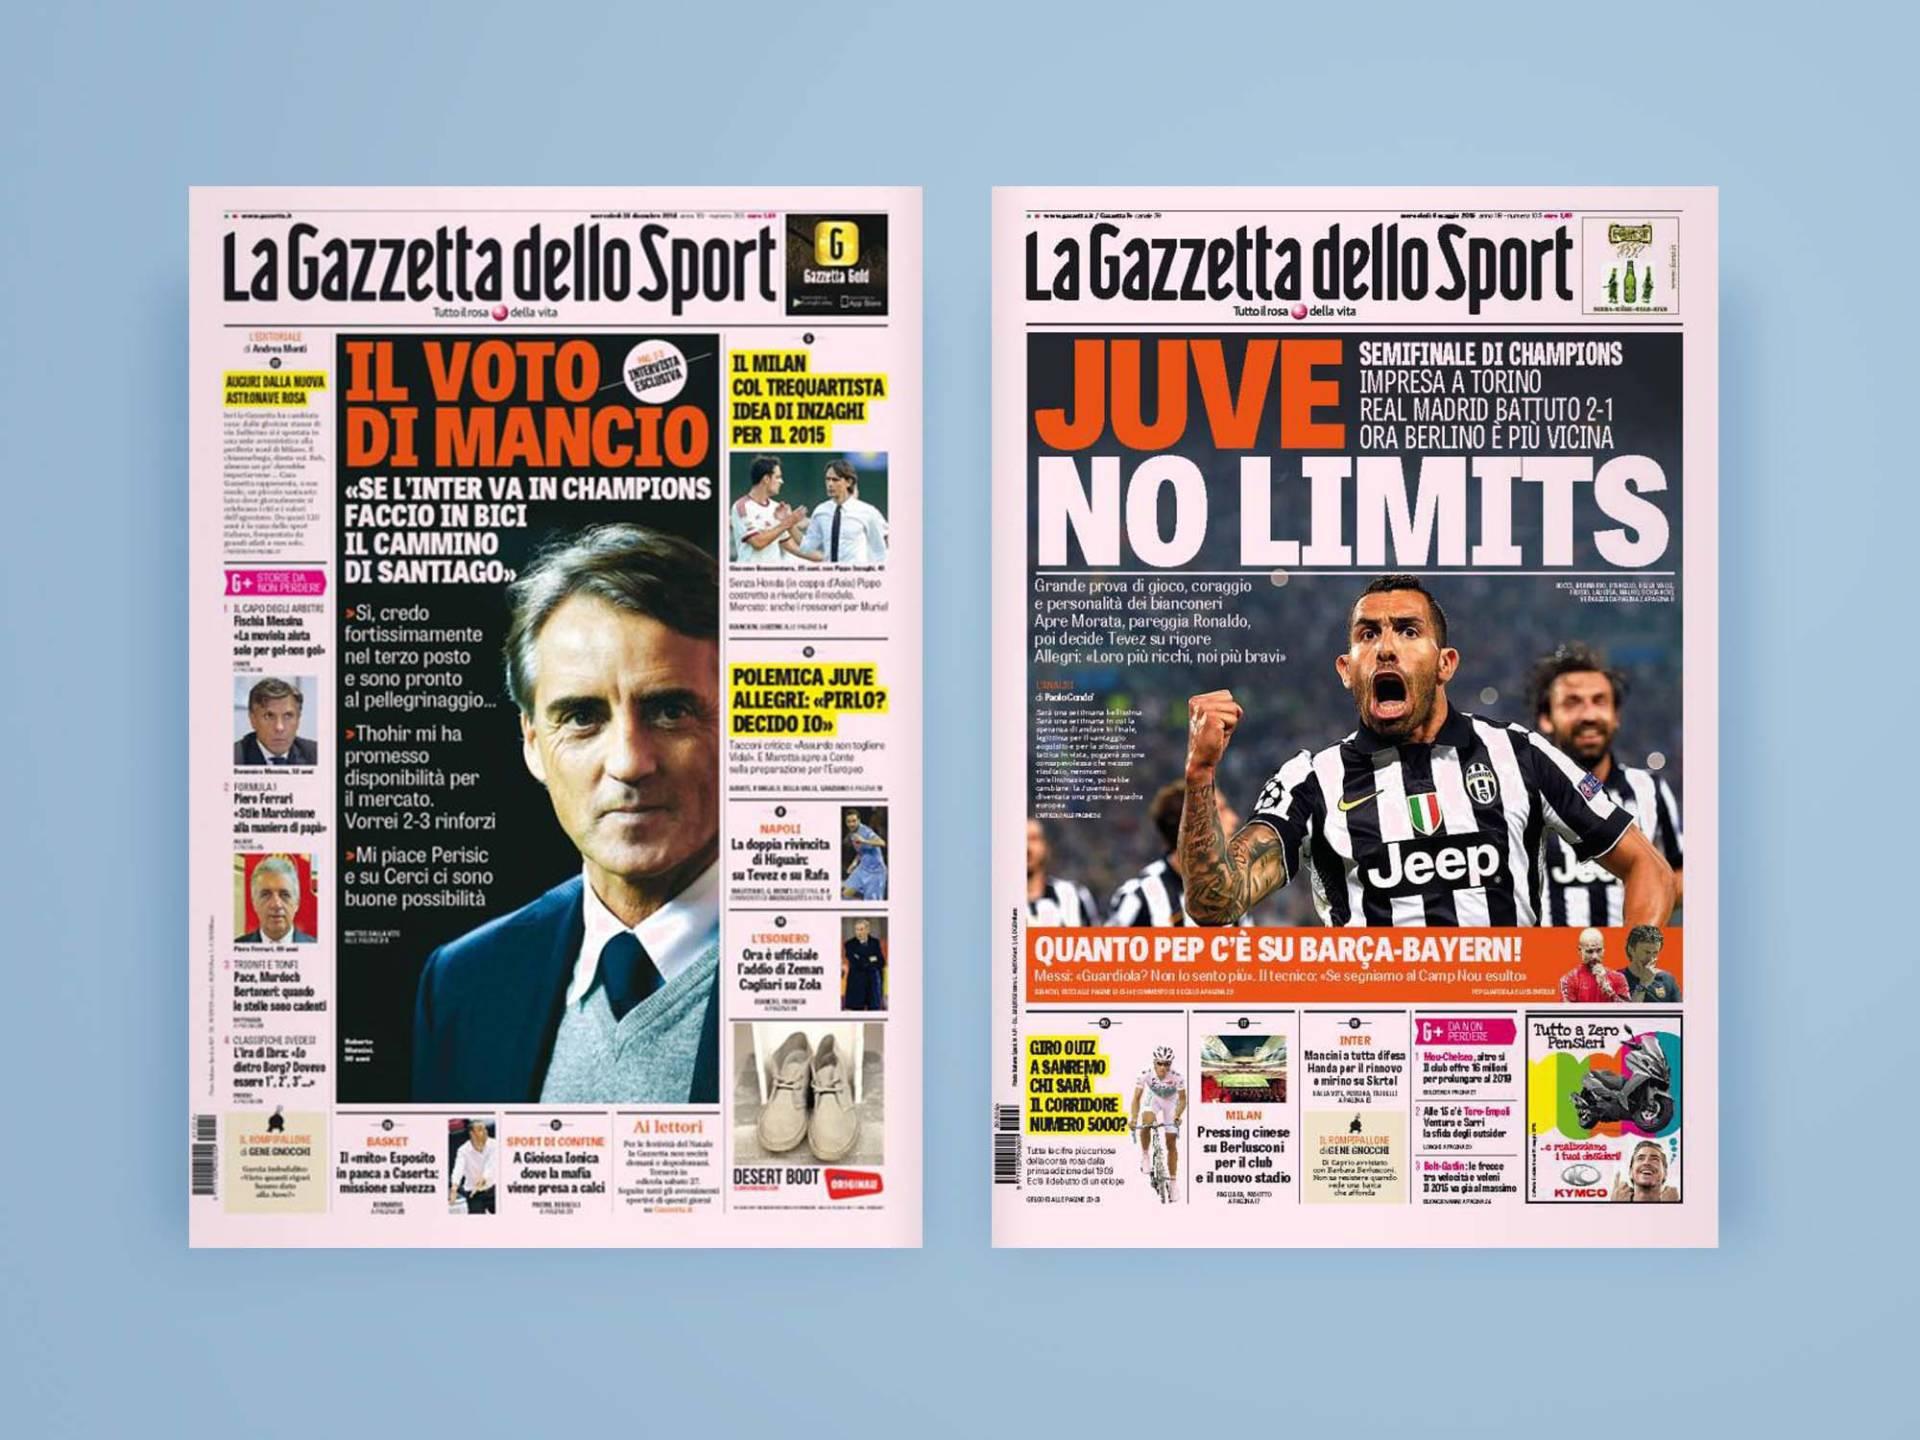 La_Gazzetta_Dello_Sport_02_Wenceslau_News_Design